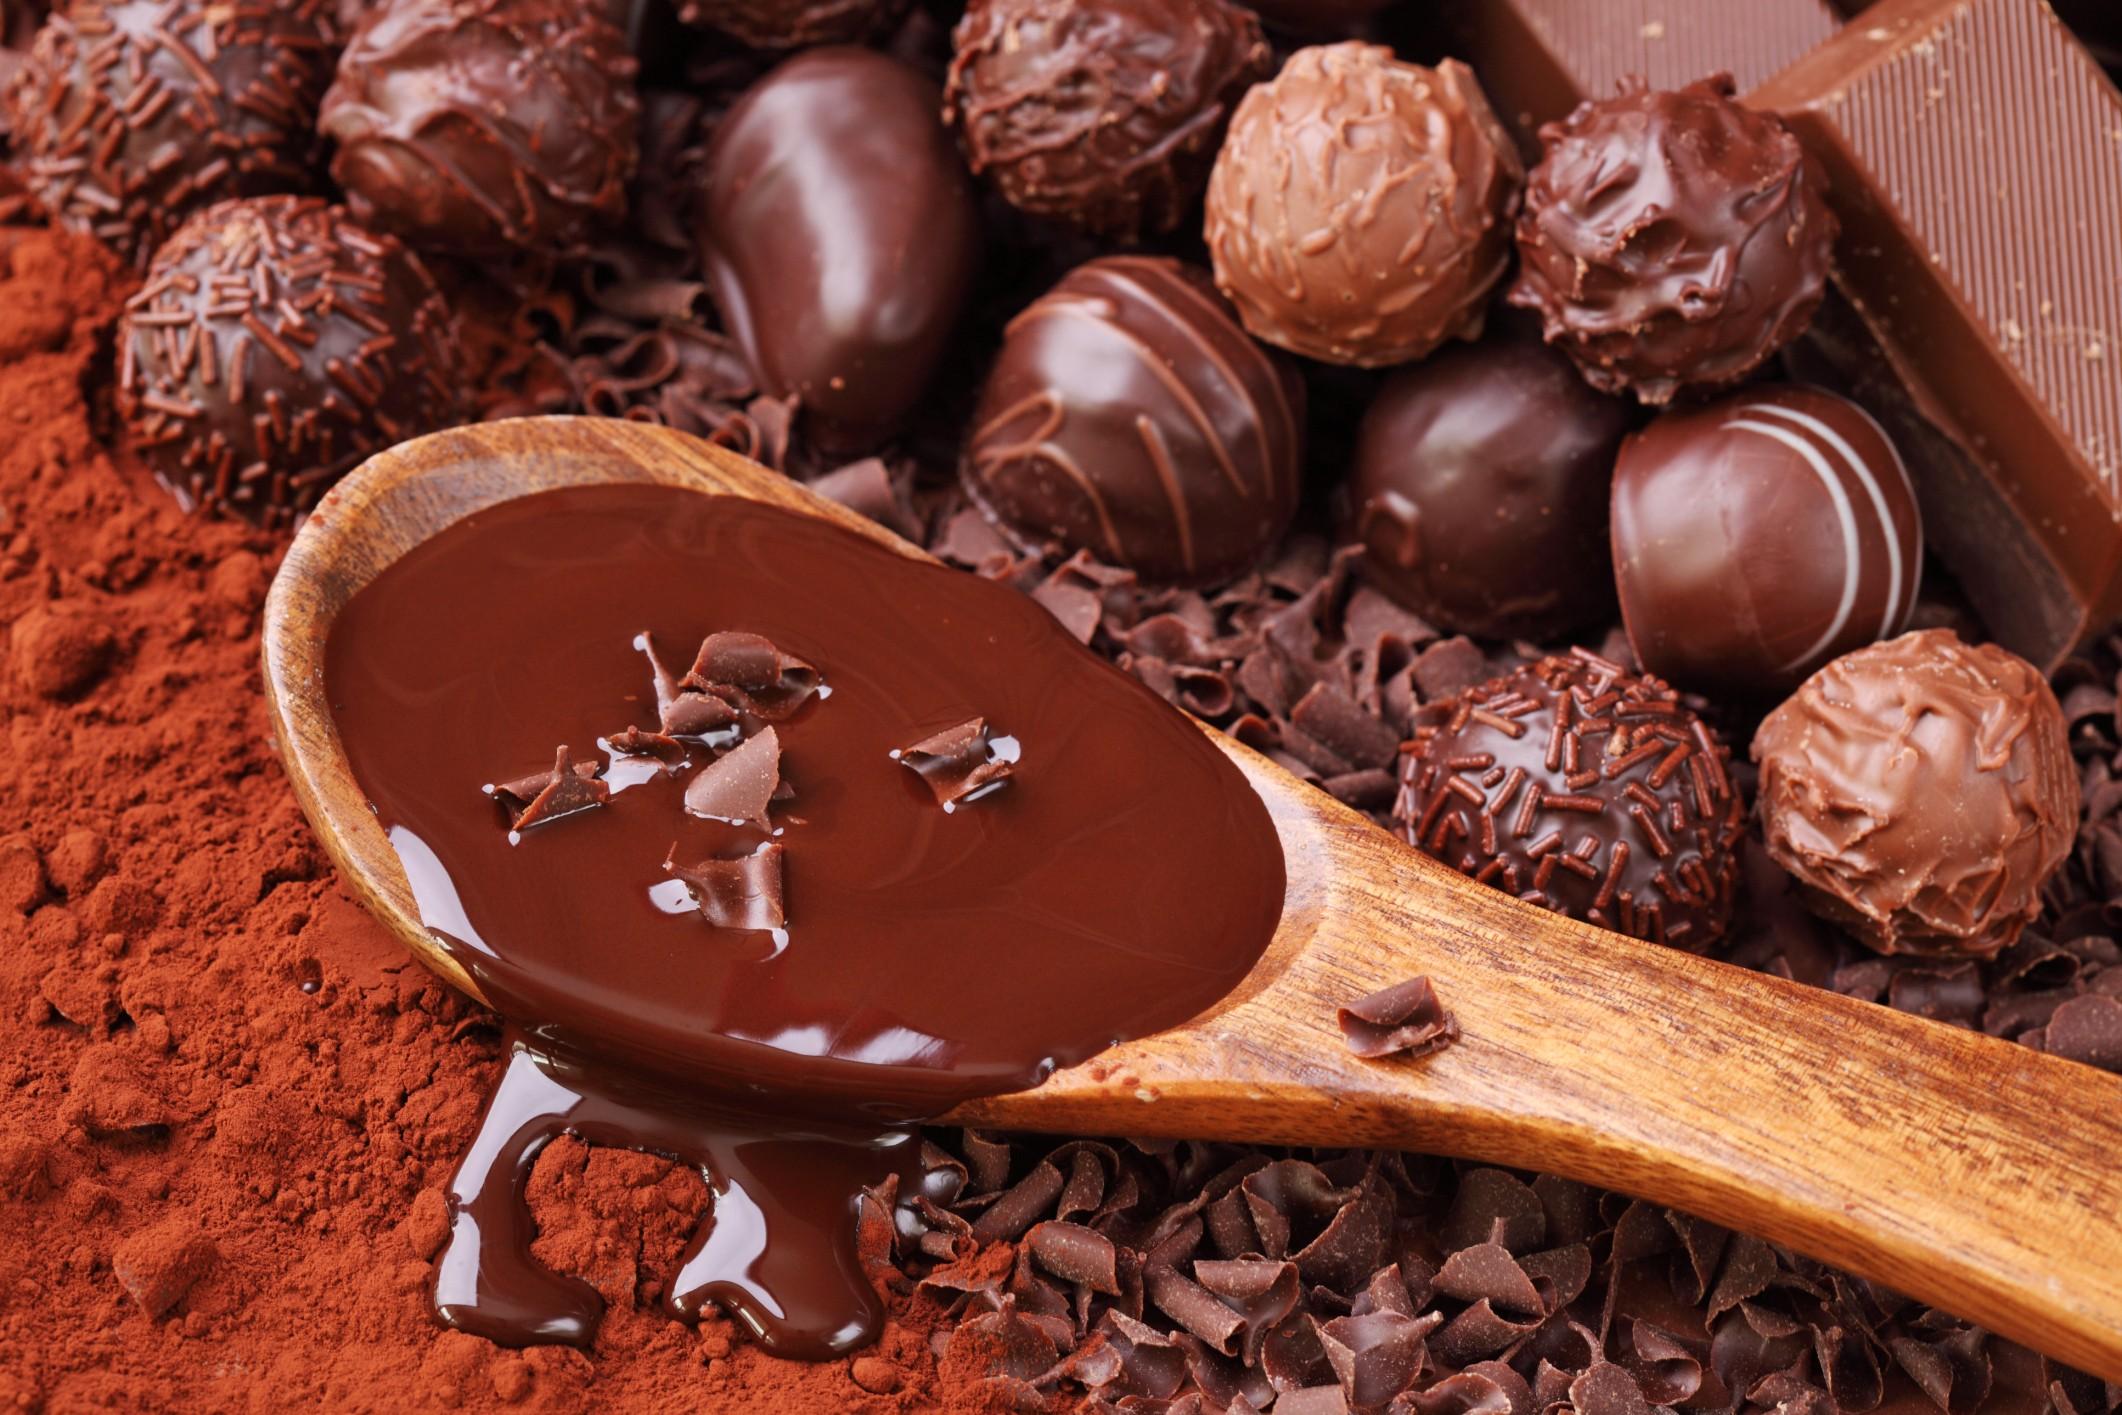 MITOS SOBRE O CHOCOLATE